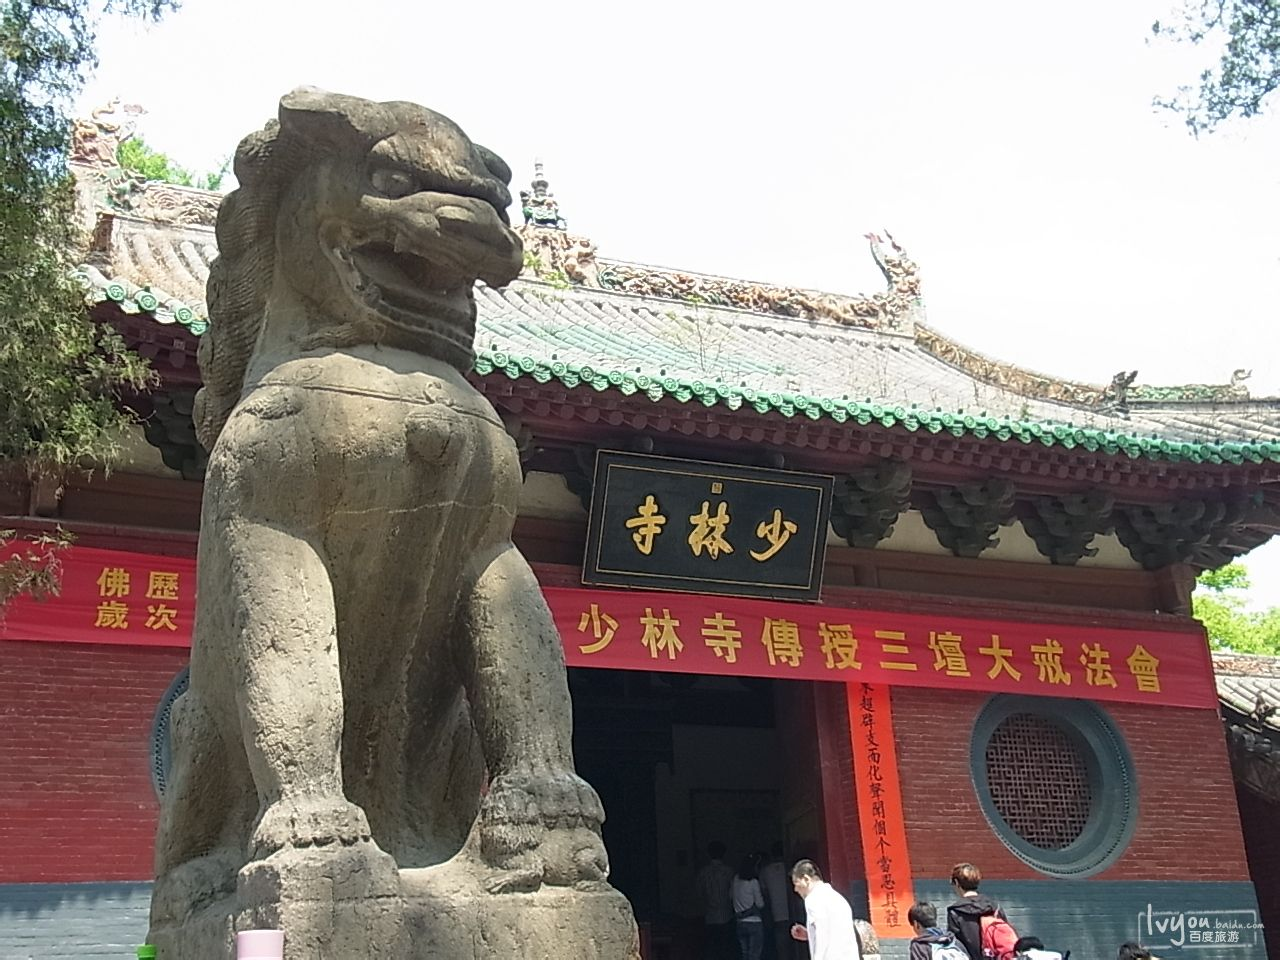 龙门石窟-嵩山少林-牡丹园-白马寺-重渡沟-洛阳博物图片